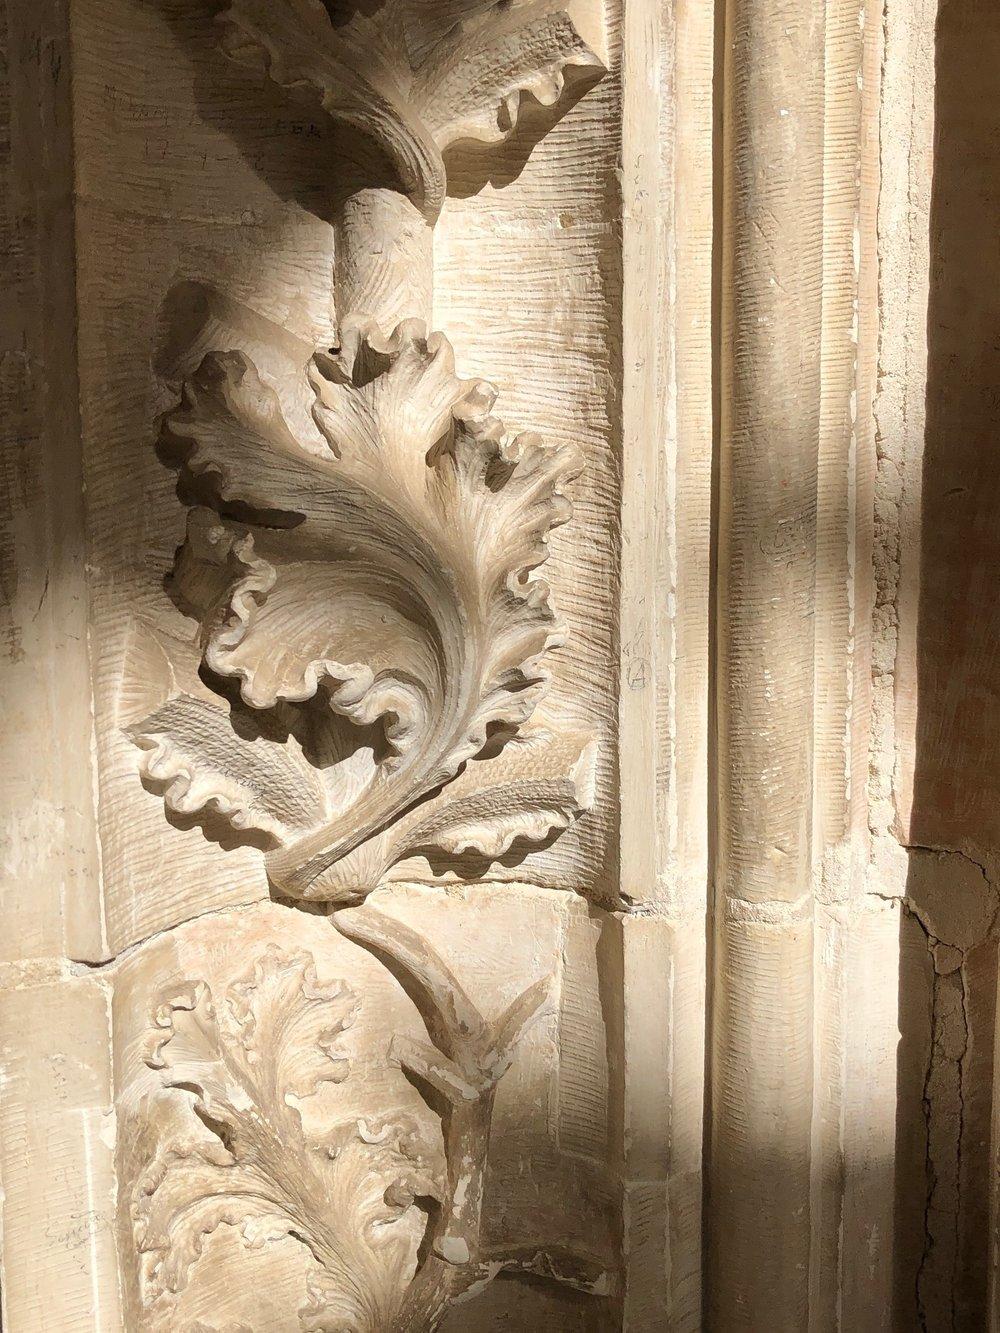 Stone work in the Church/ monastery of San Juan de los Reyes.